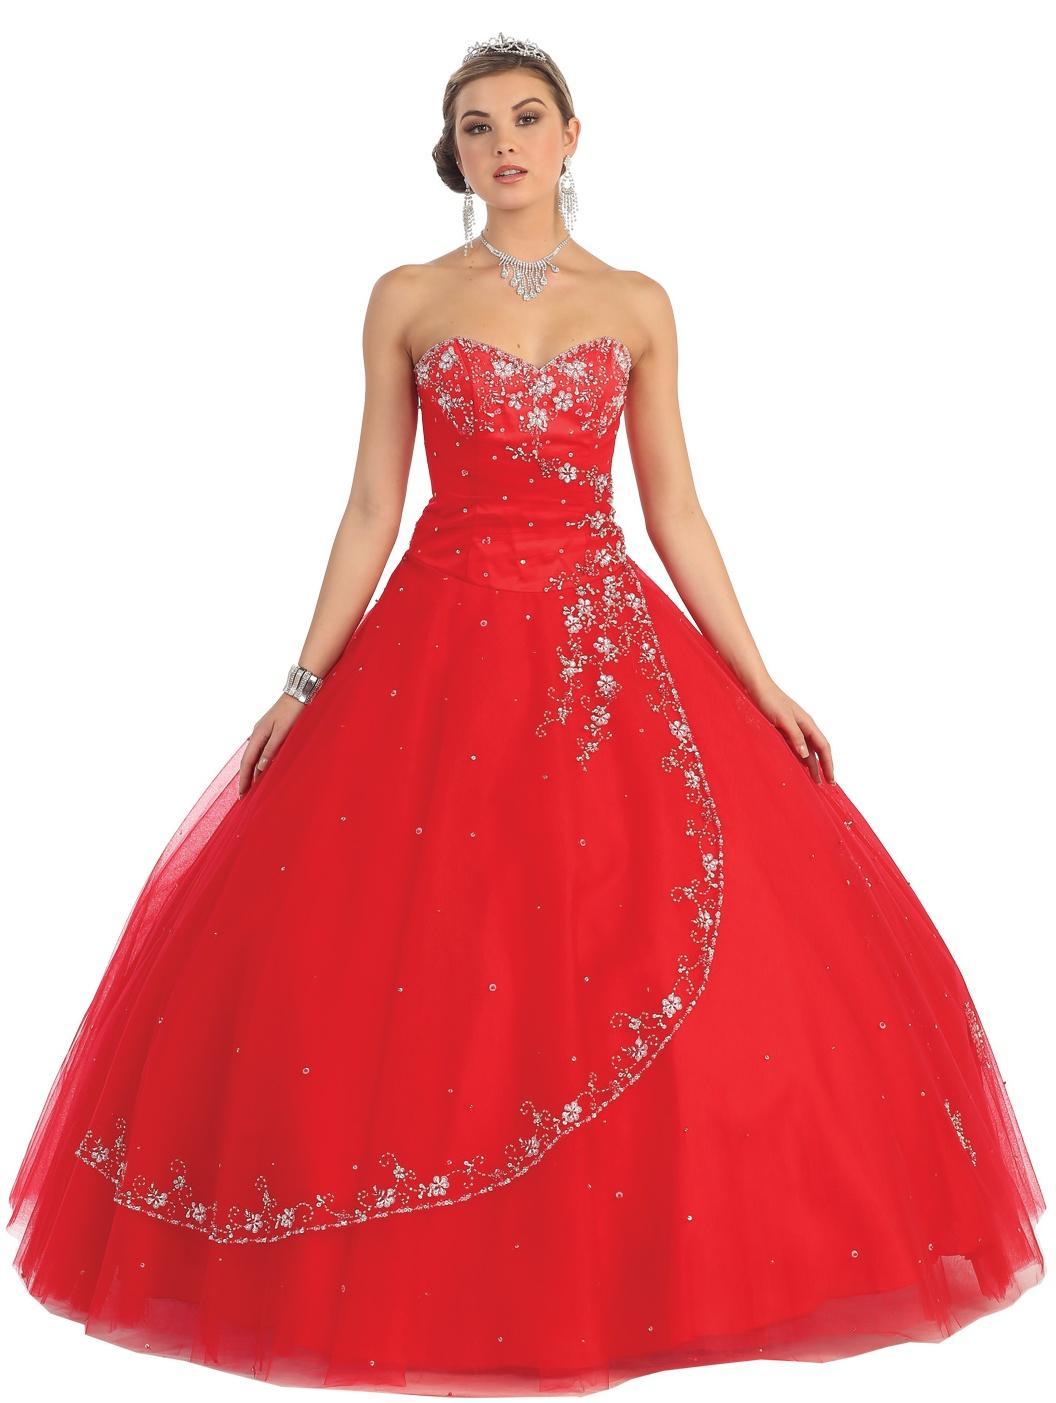 Robe de princesse rouge et blanc